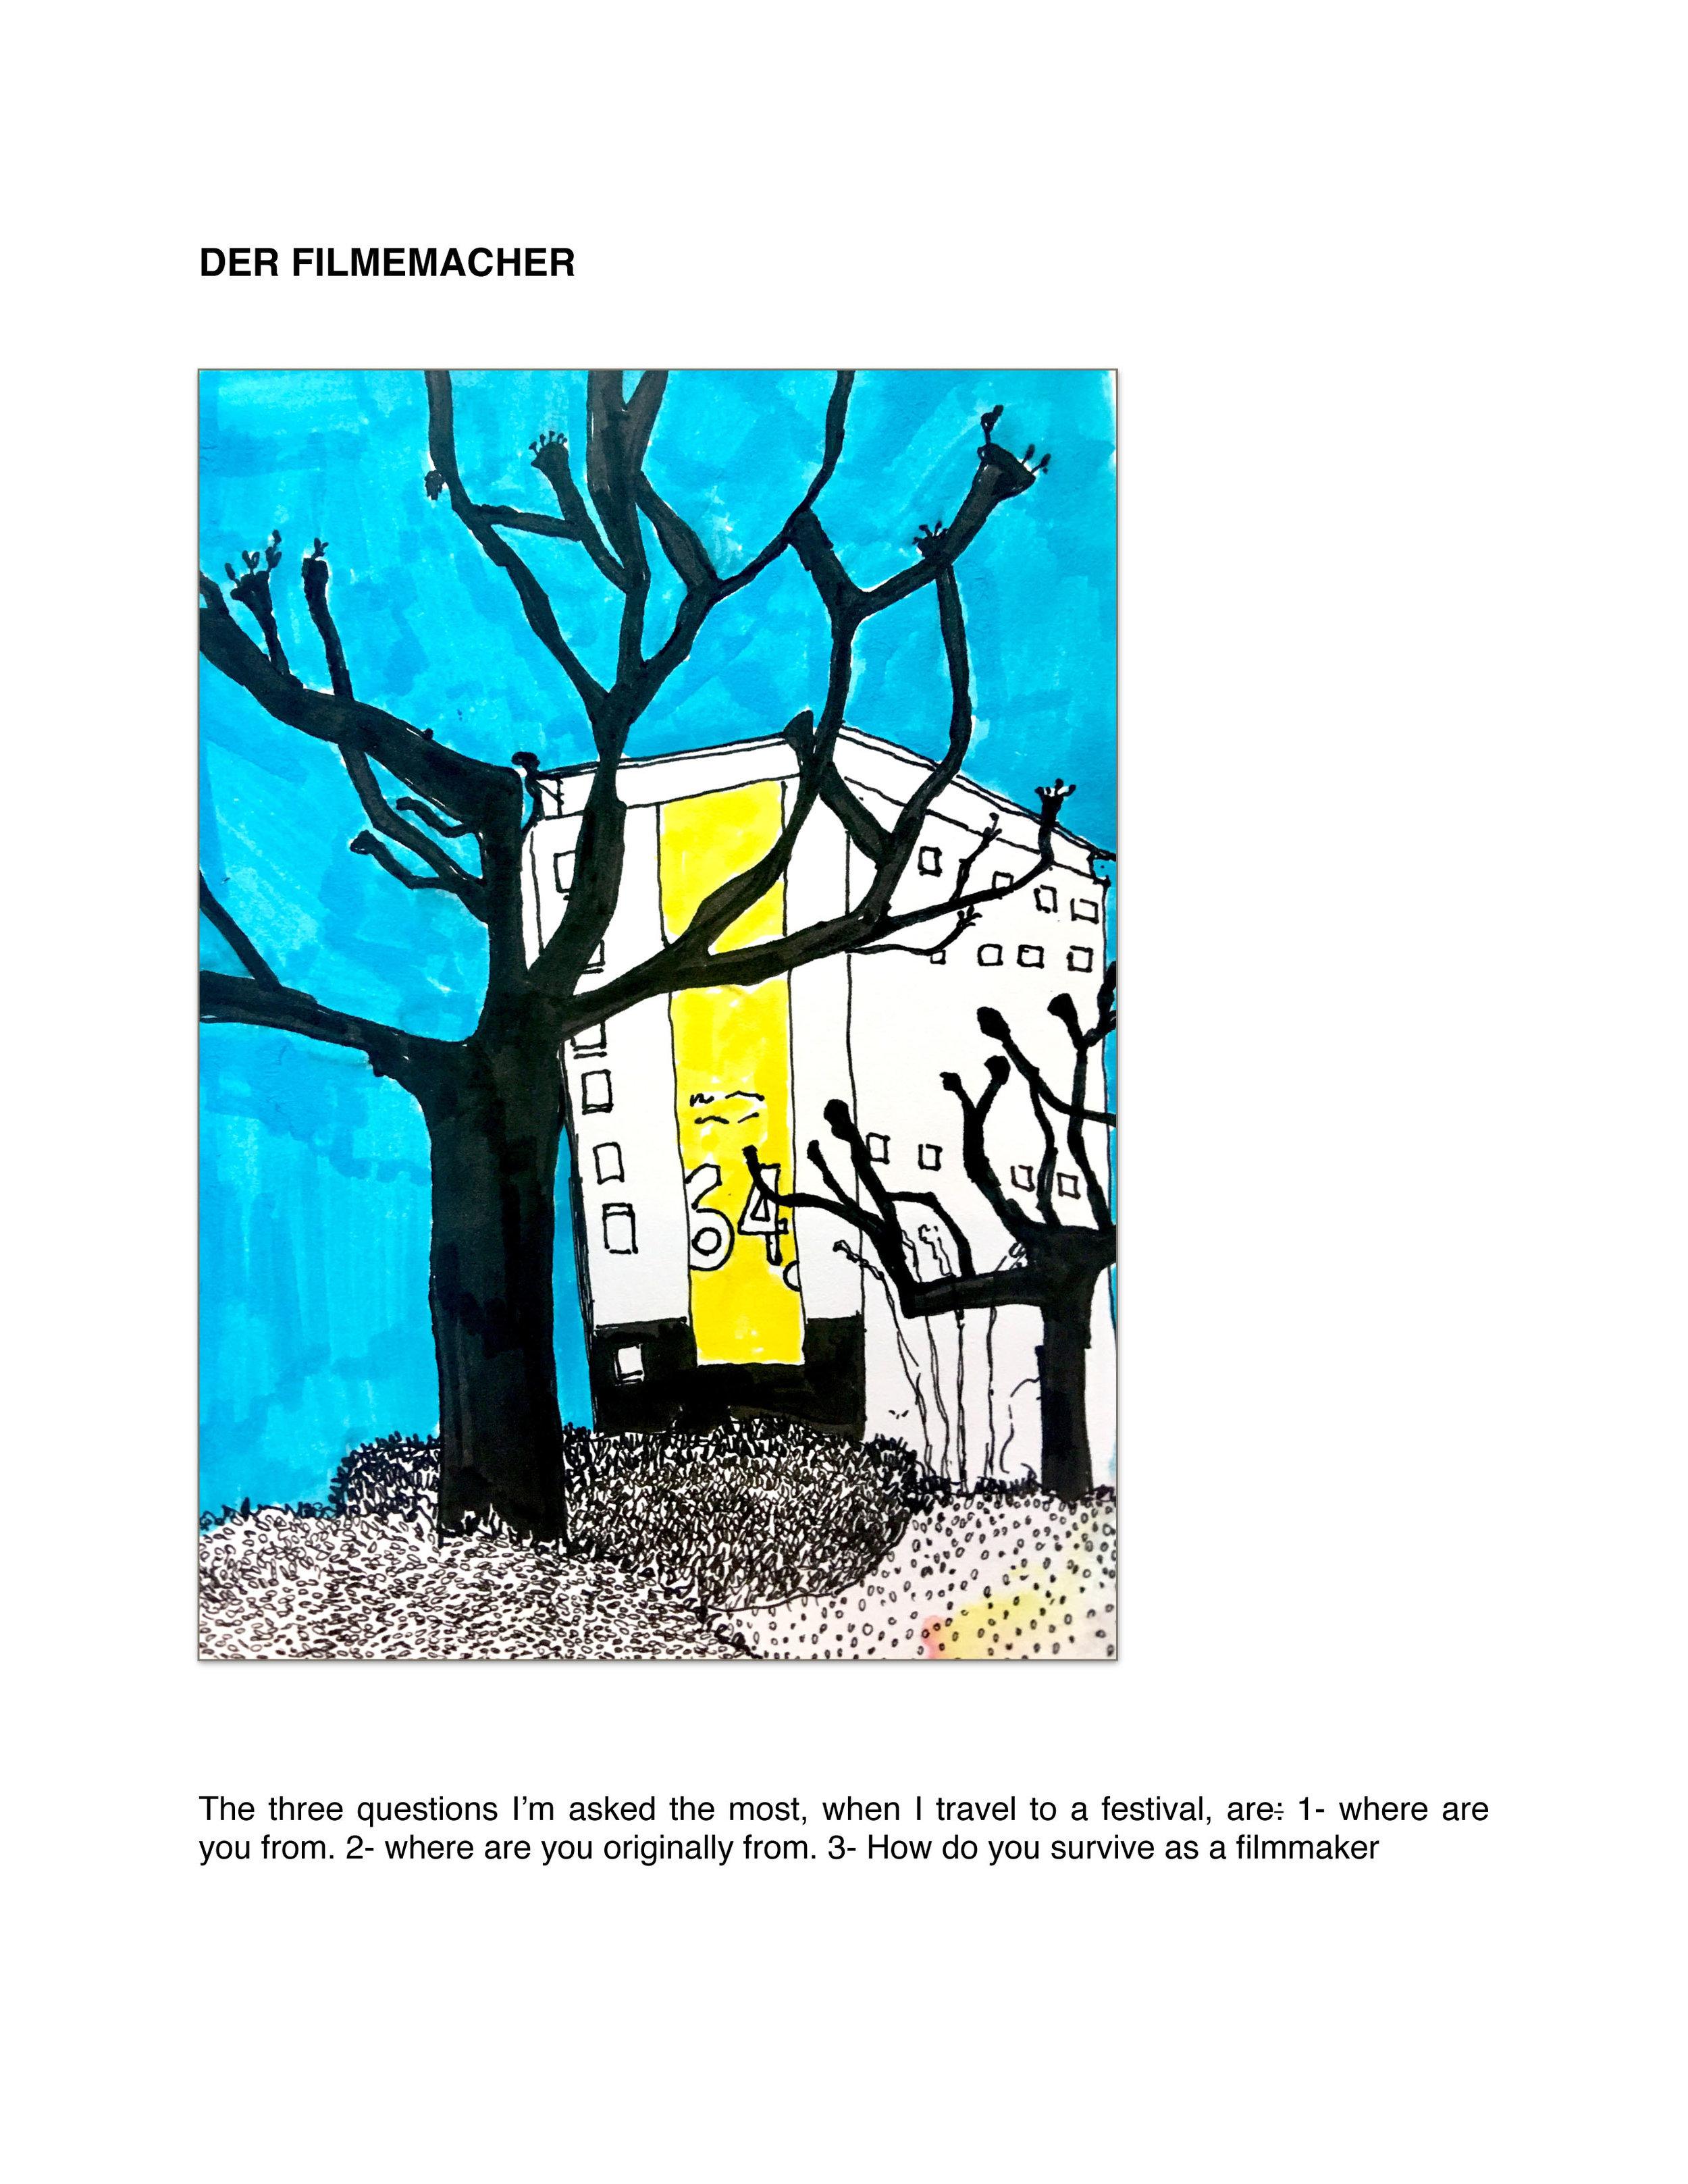 oberhausen-page10.jpg